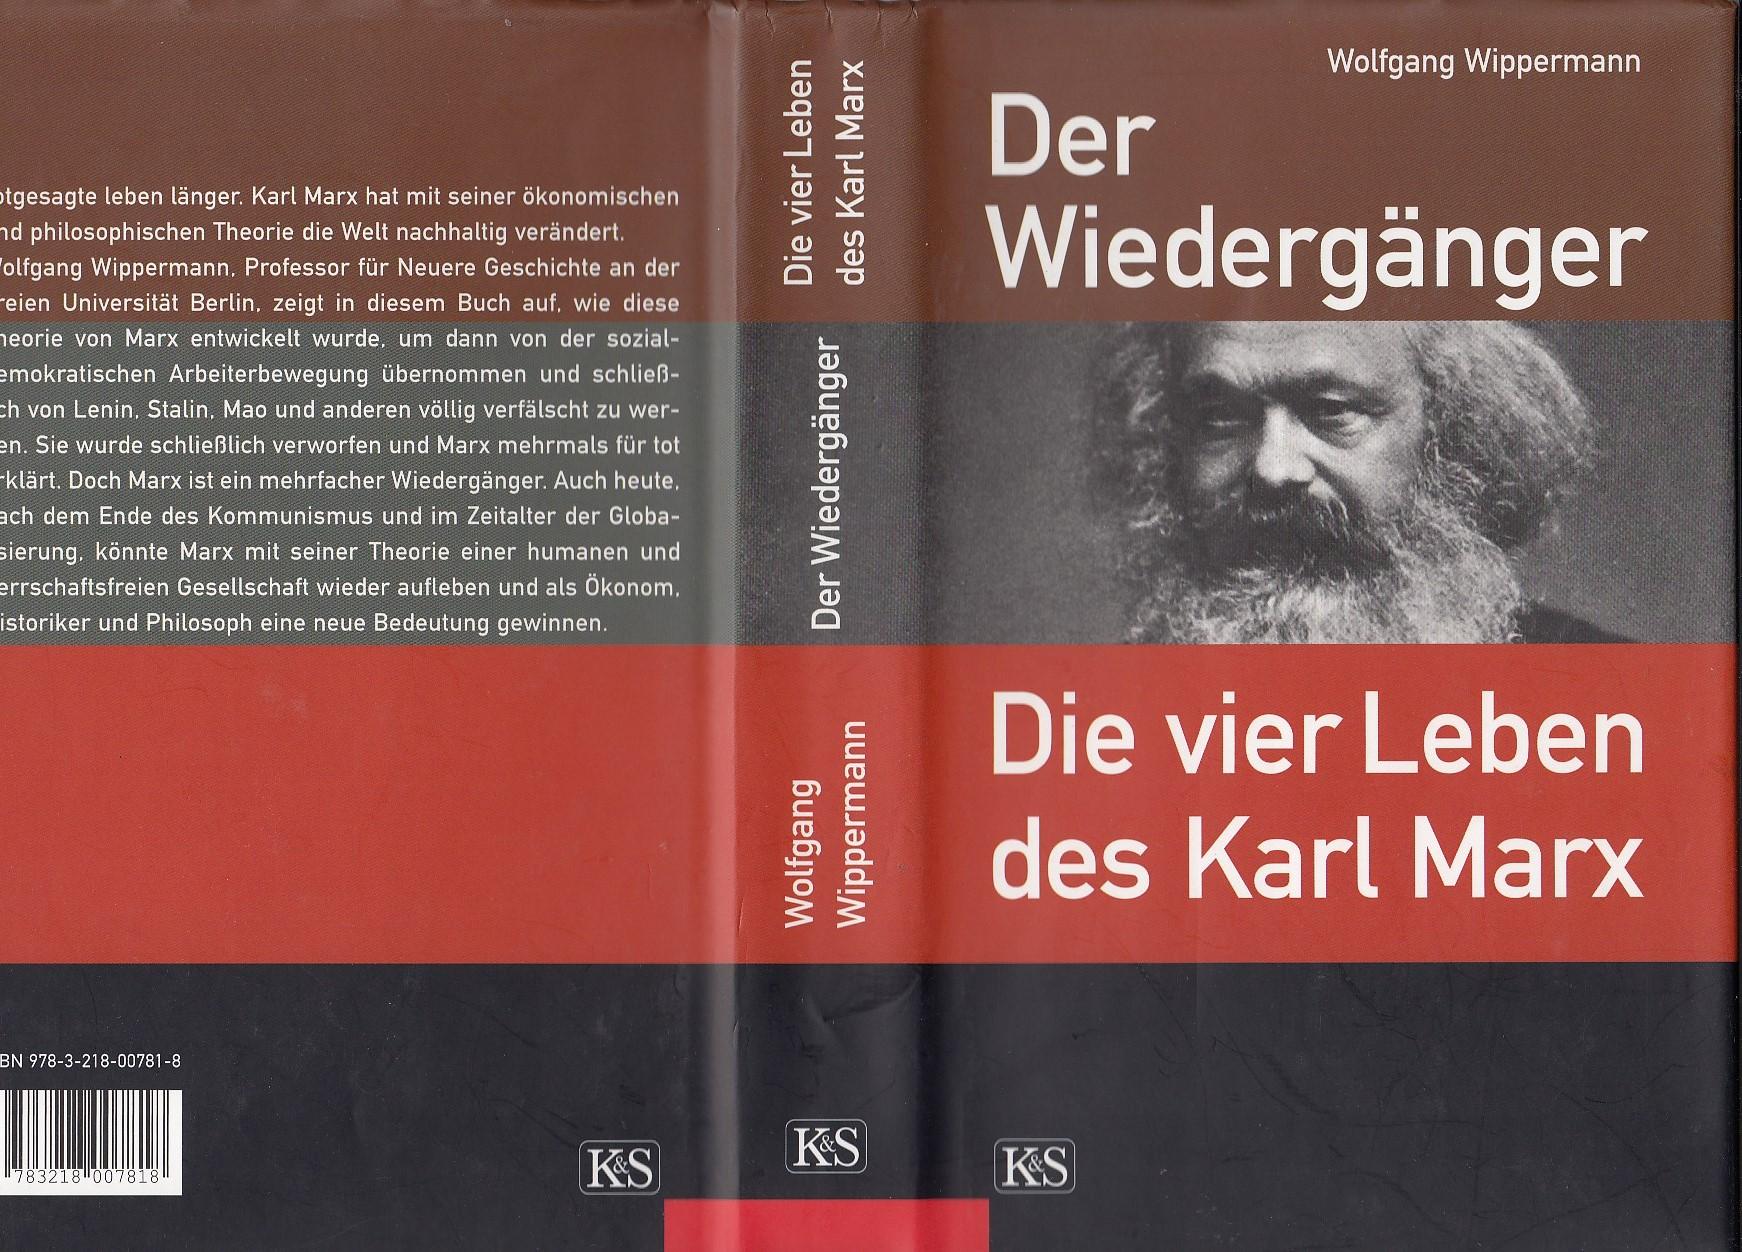 Der Wiedergänger. Die vier Leben des Karl Marx.